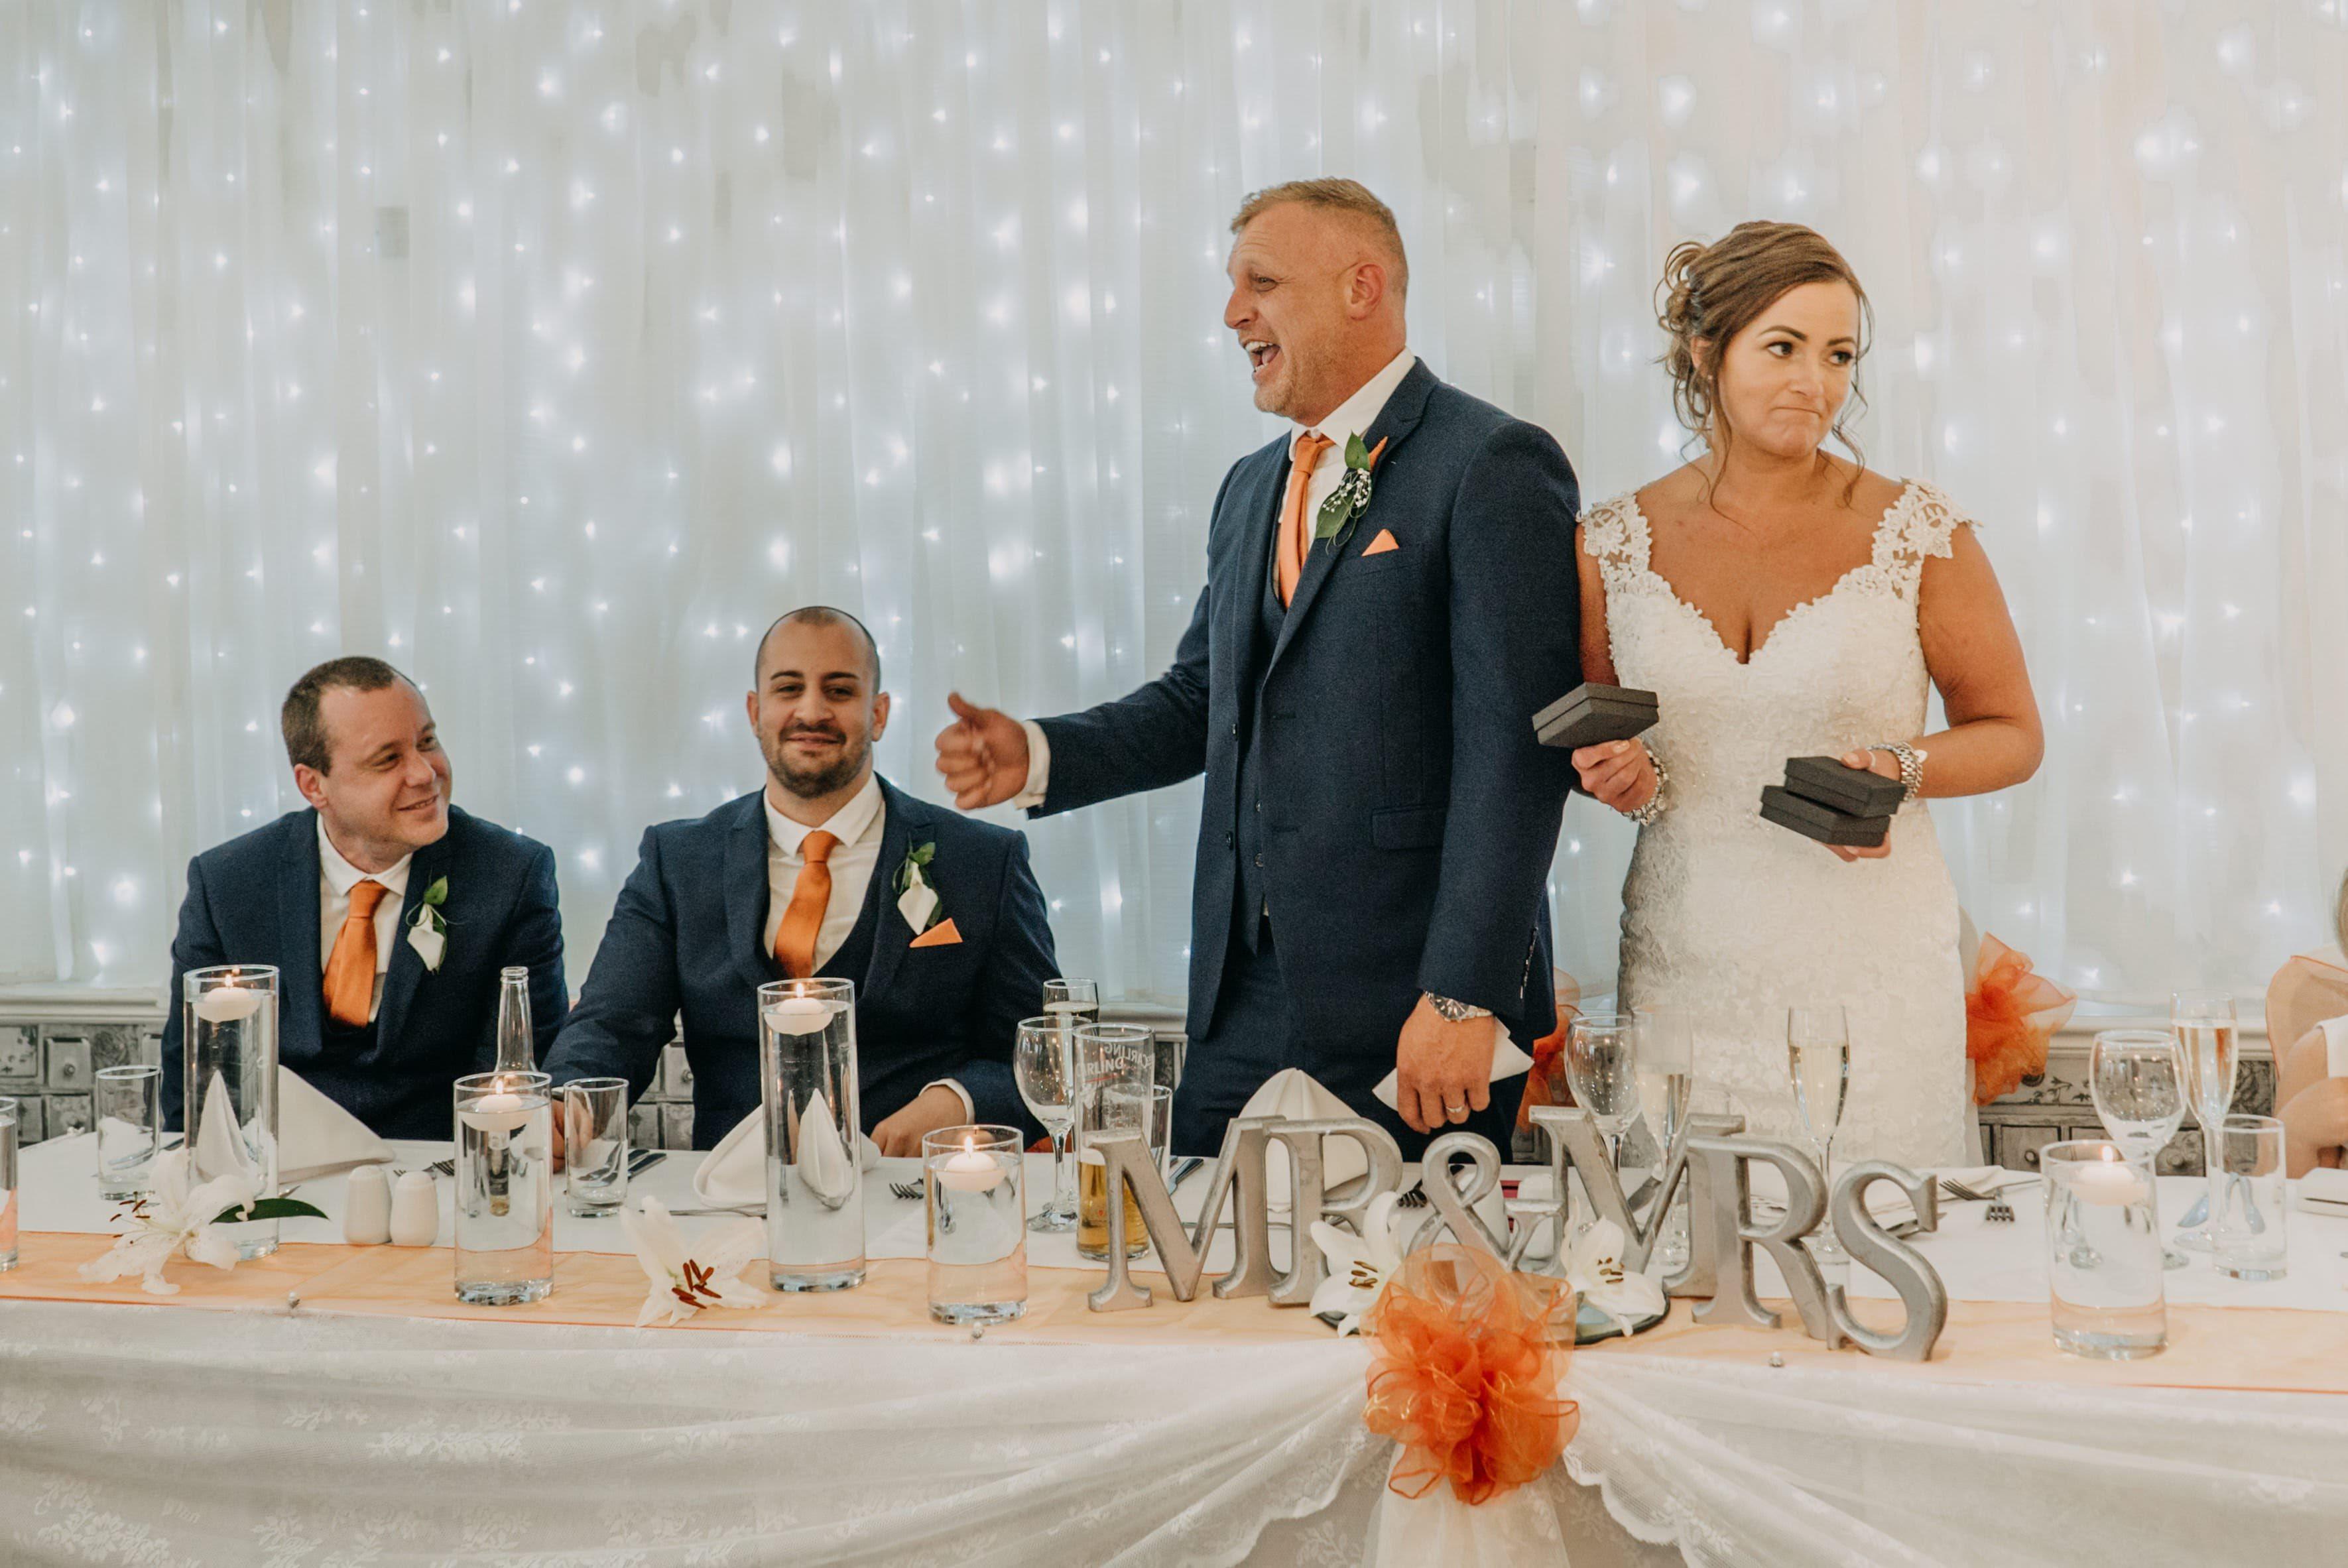 Dimple Well Lodge Wedding | Rachel & Tony 22